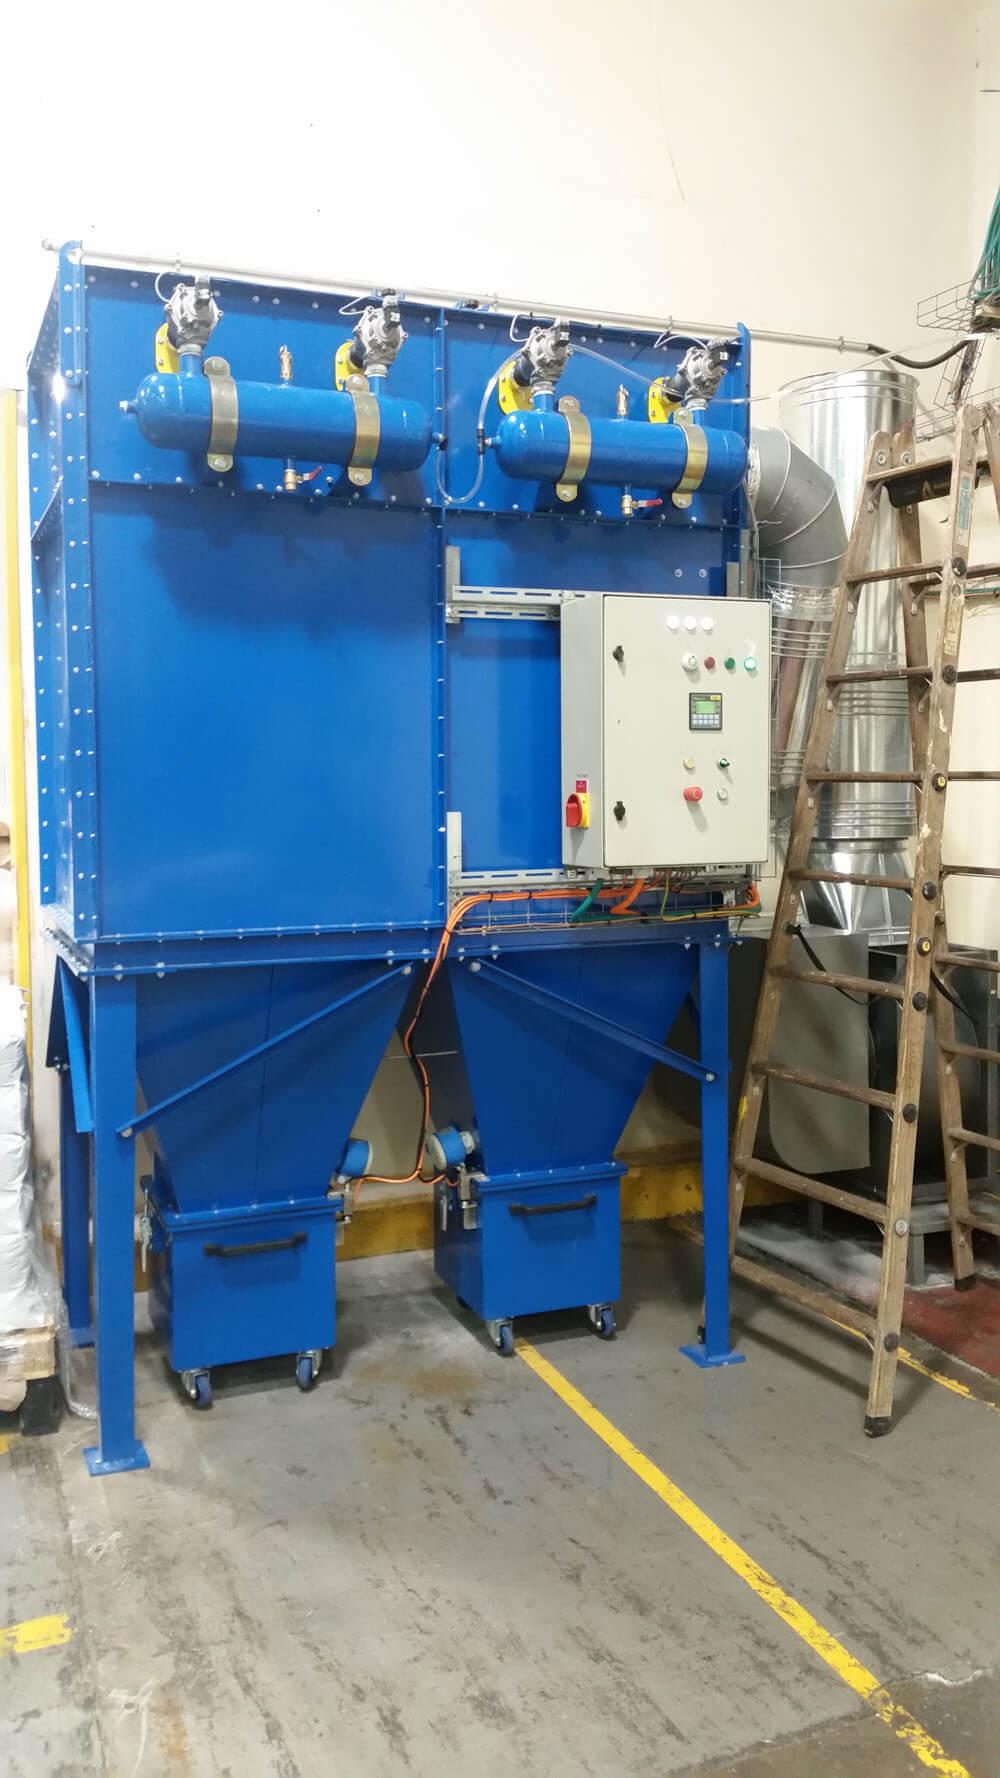 מערכת שאיבת אבק מרכזית לעמדות שפיכת חומר גלם